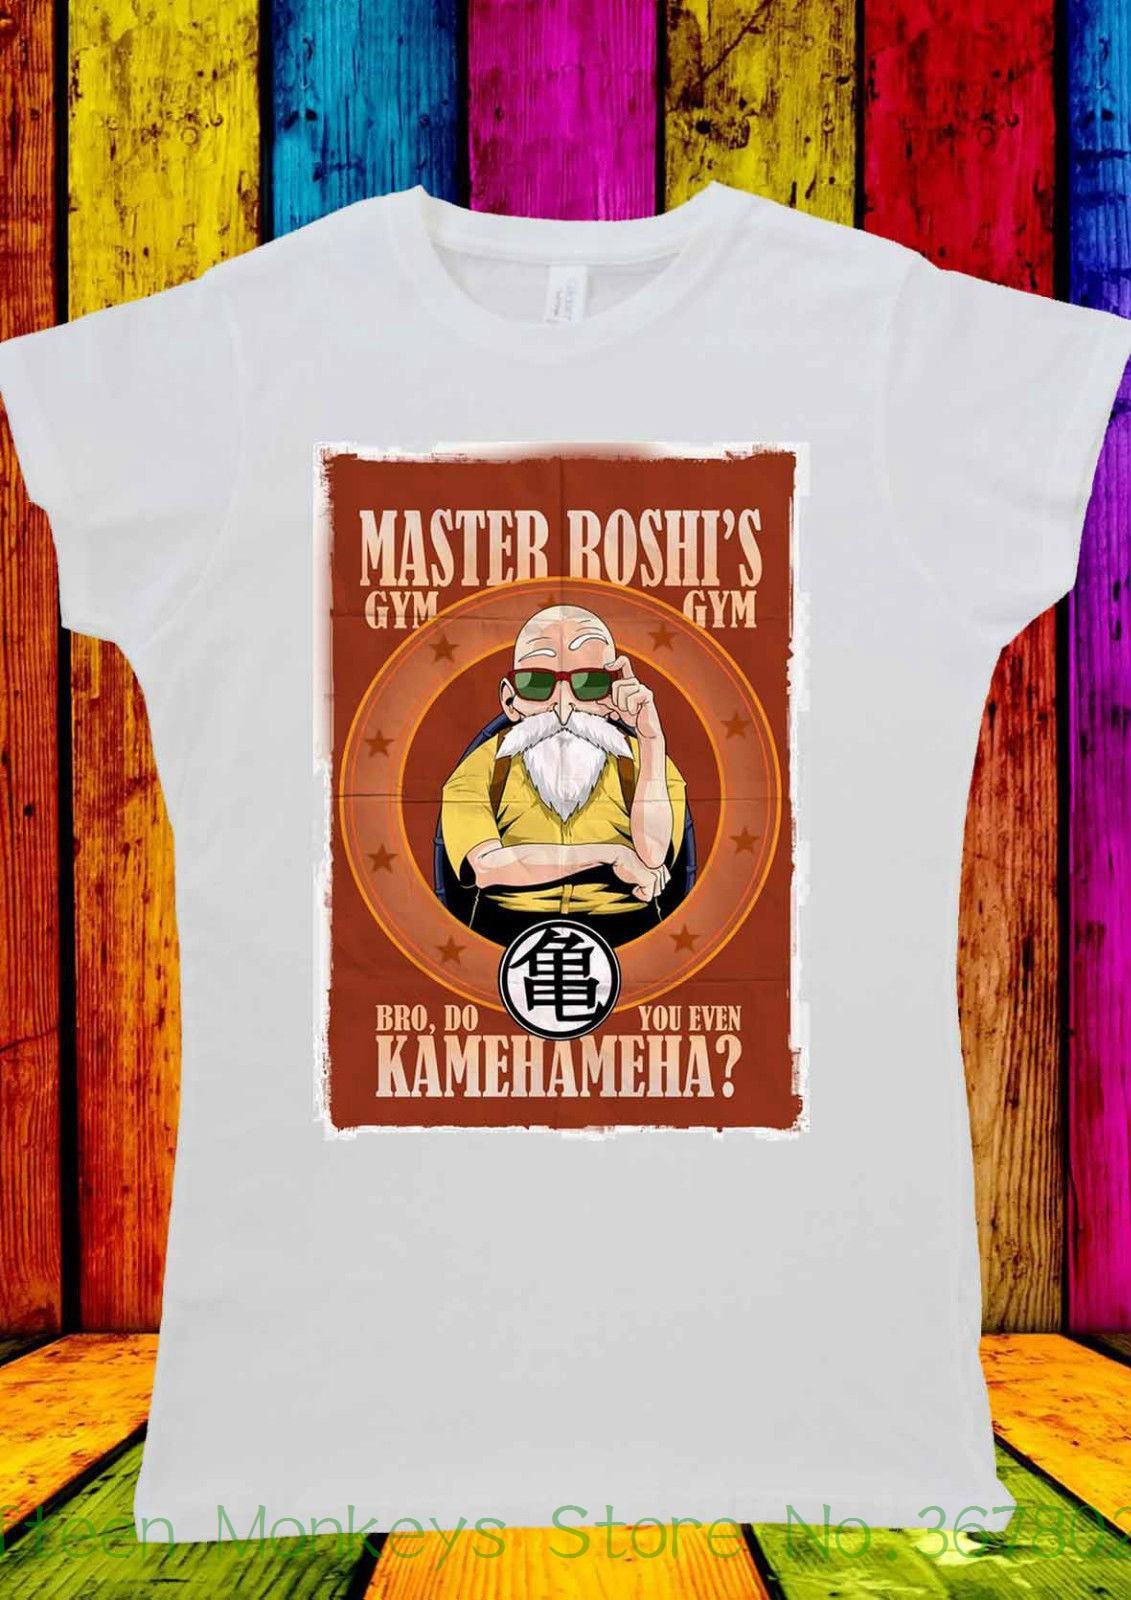 d3054fa74 Women's Tee Master Roshi Muten Gymnasium D Ball T-shirt Men Women Unisex  2046 Popular Woman T Shirt Online with $28.54/Piece on  Fifteenmonkeysstore's Store ...